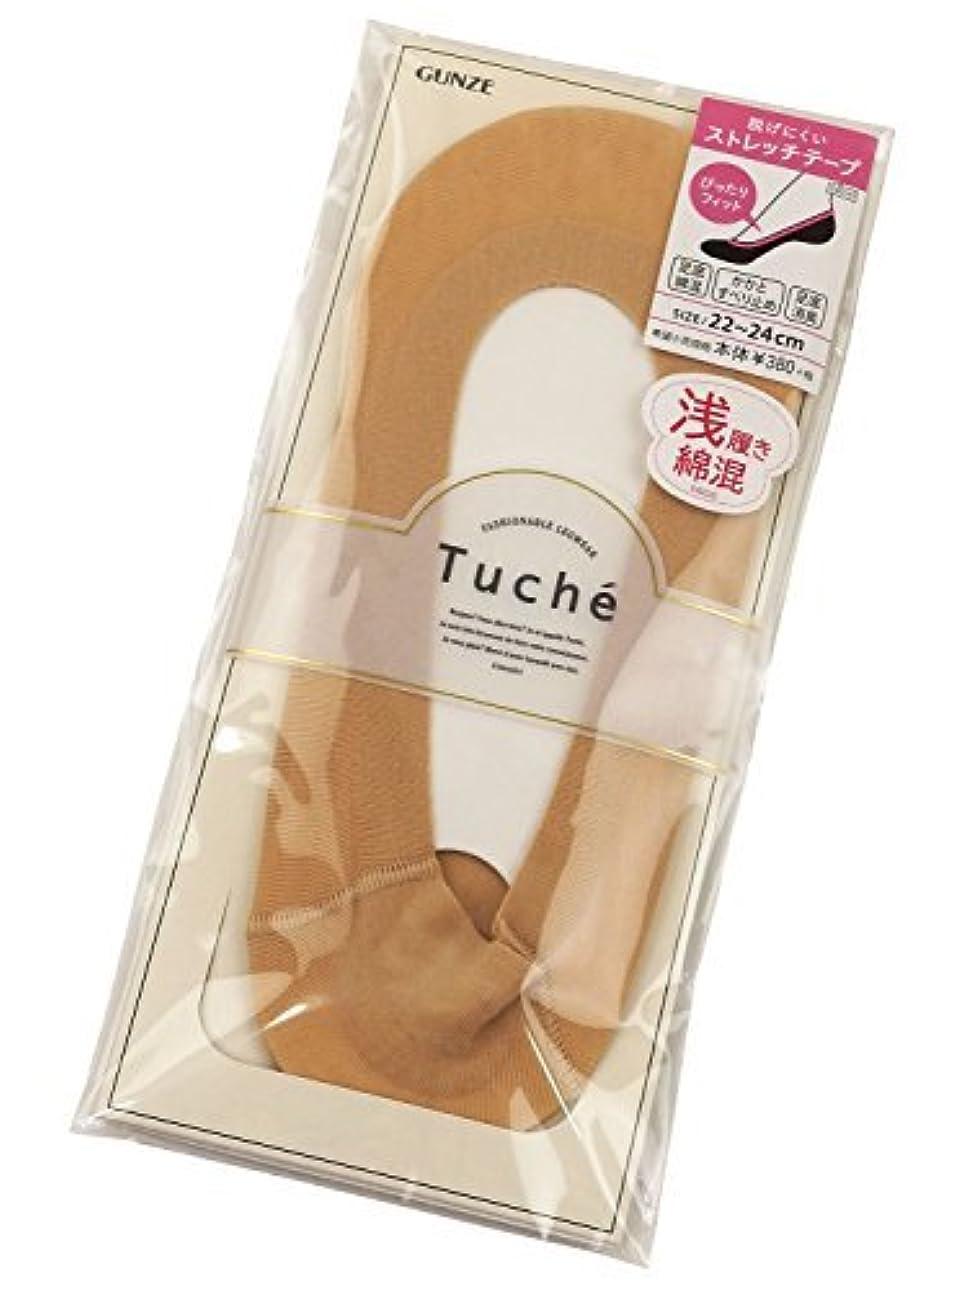 はっきりとアトラスだらしないGUNZE(グンゼ)Tuche(トゥシェ)婦人フットカバー 脱げにくいストレッチテープ 浅履き綿混 TQD700